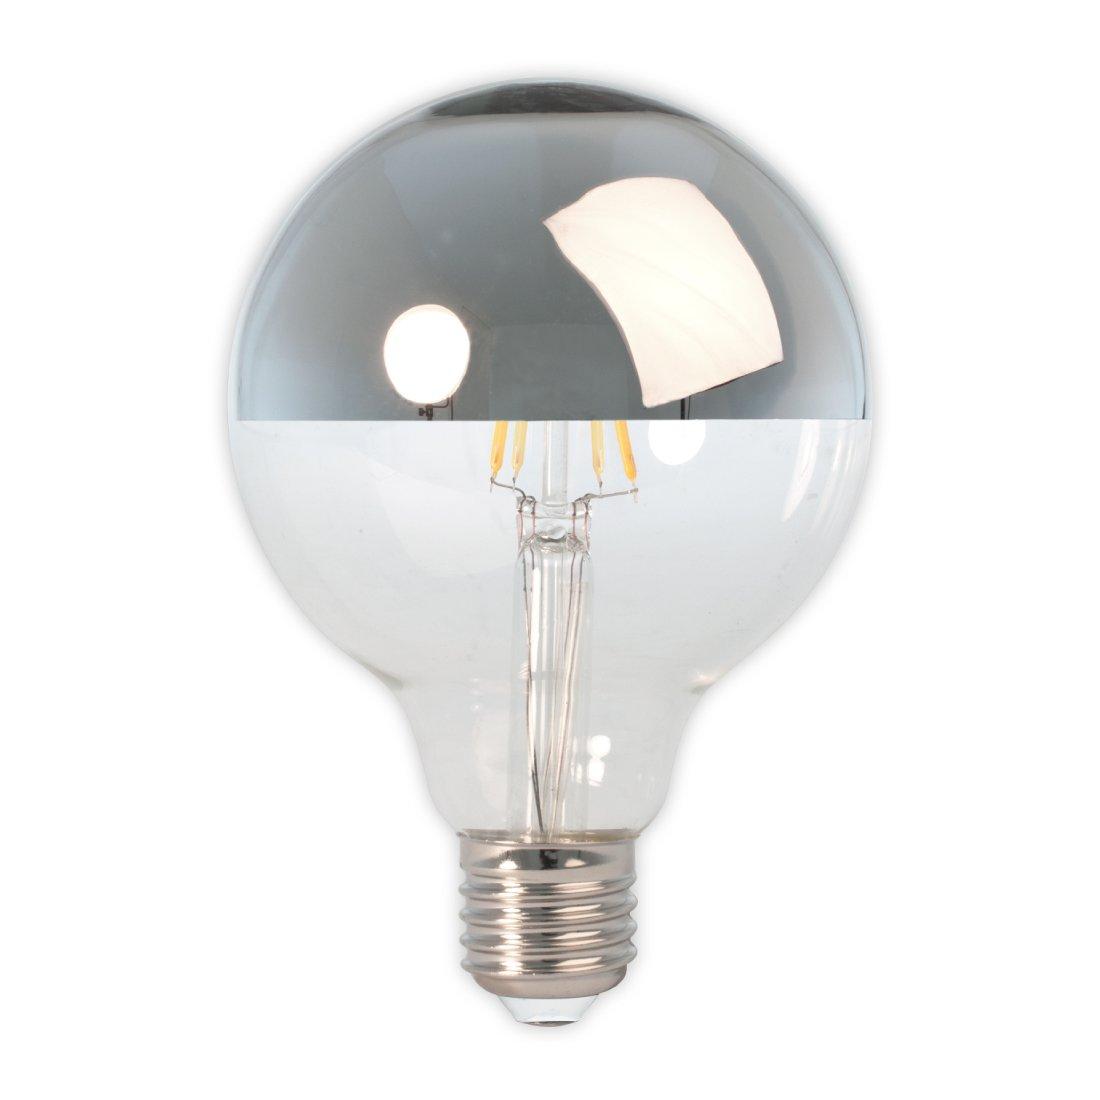 LED Kopspiegel Globe Lichtbron